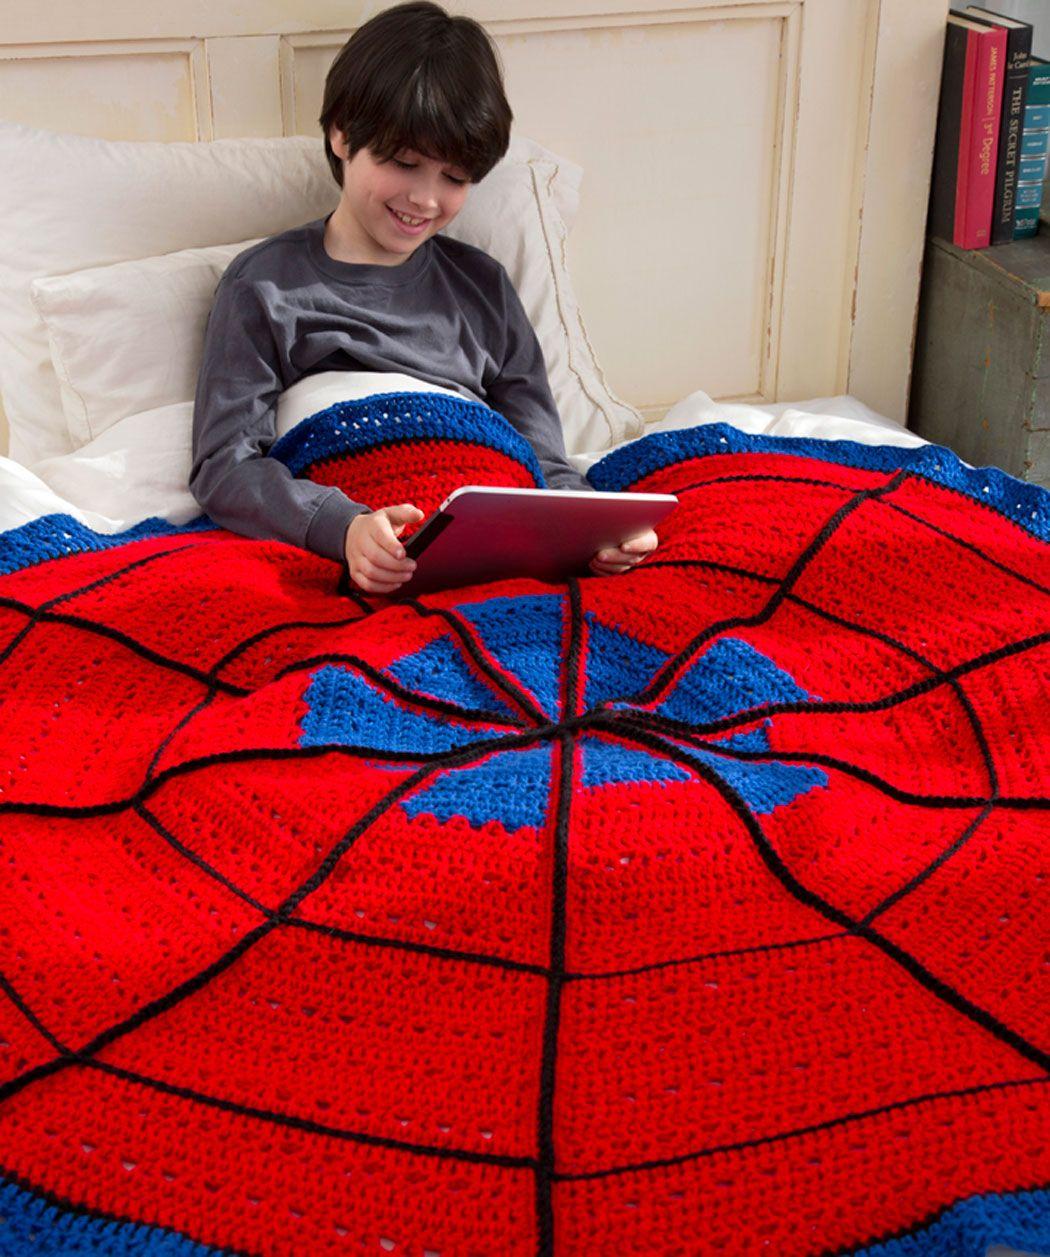 Spider Web Throw | DIY! | Pinterest | Kinder häkeln, Häkeln und ...